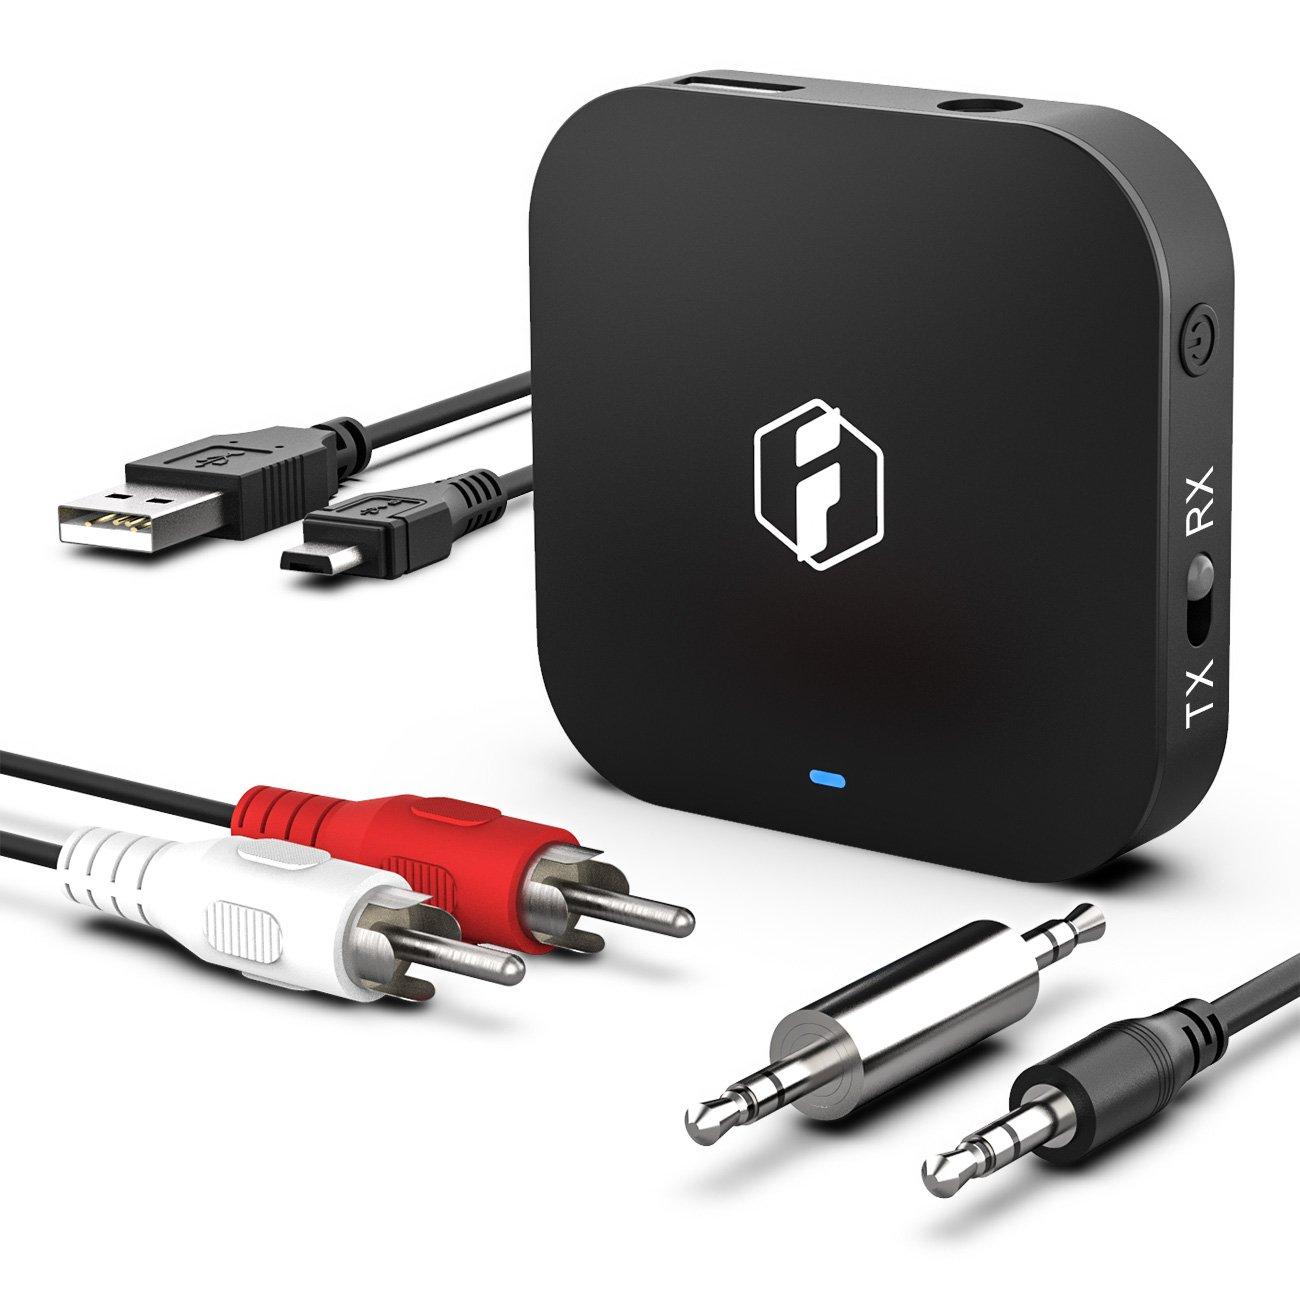 Inateck Transmetteur//R/écepteur Bluetooth 2 en 1 /Écouteurs BR1008 Enceinte et Syst/ème Audio de la Voiture aptX Low Latency Adaptateur Audio Hi-FI 3,5mm pour TV aptX HD